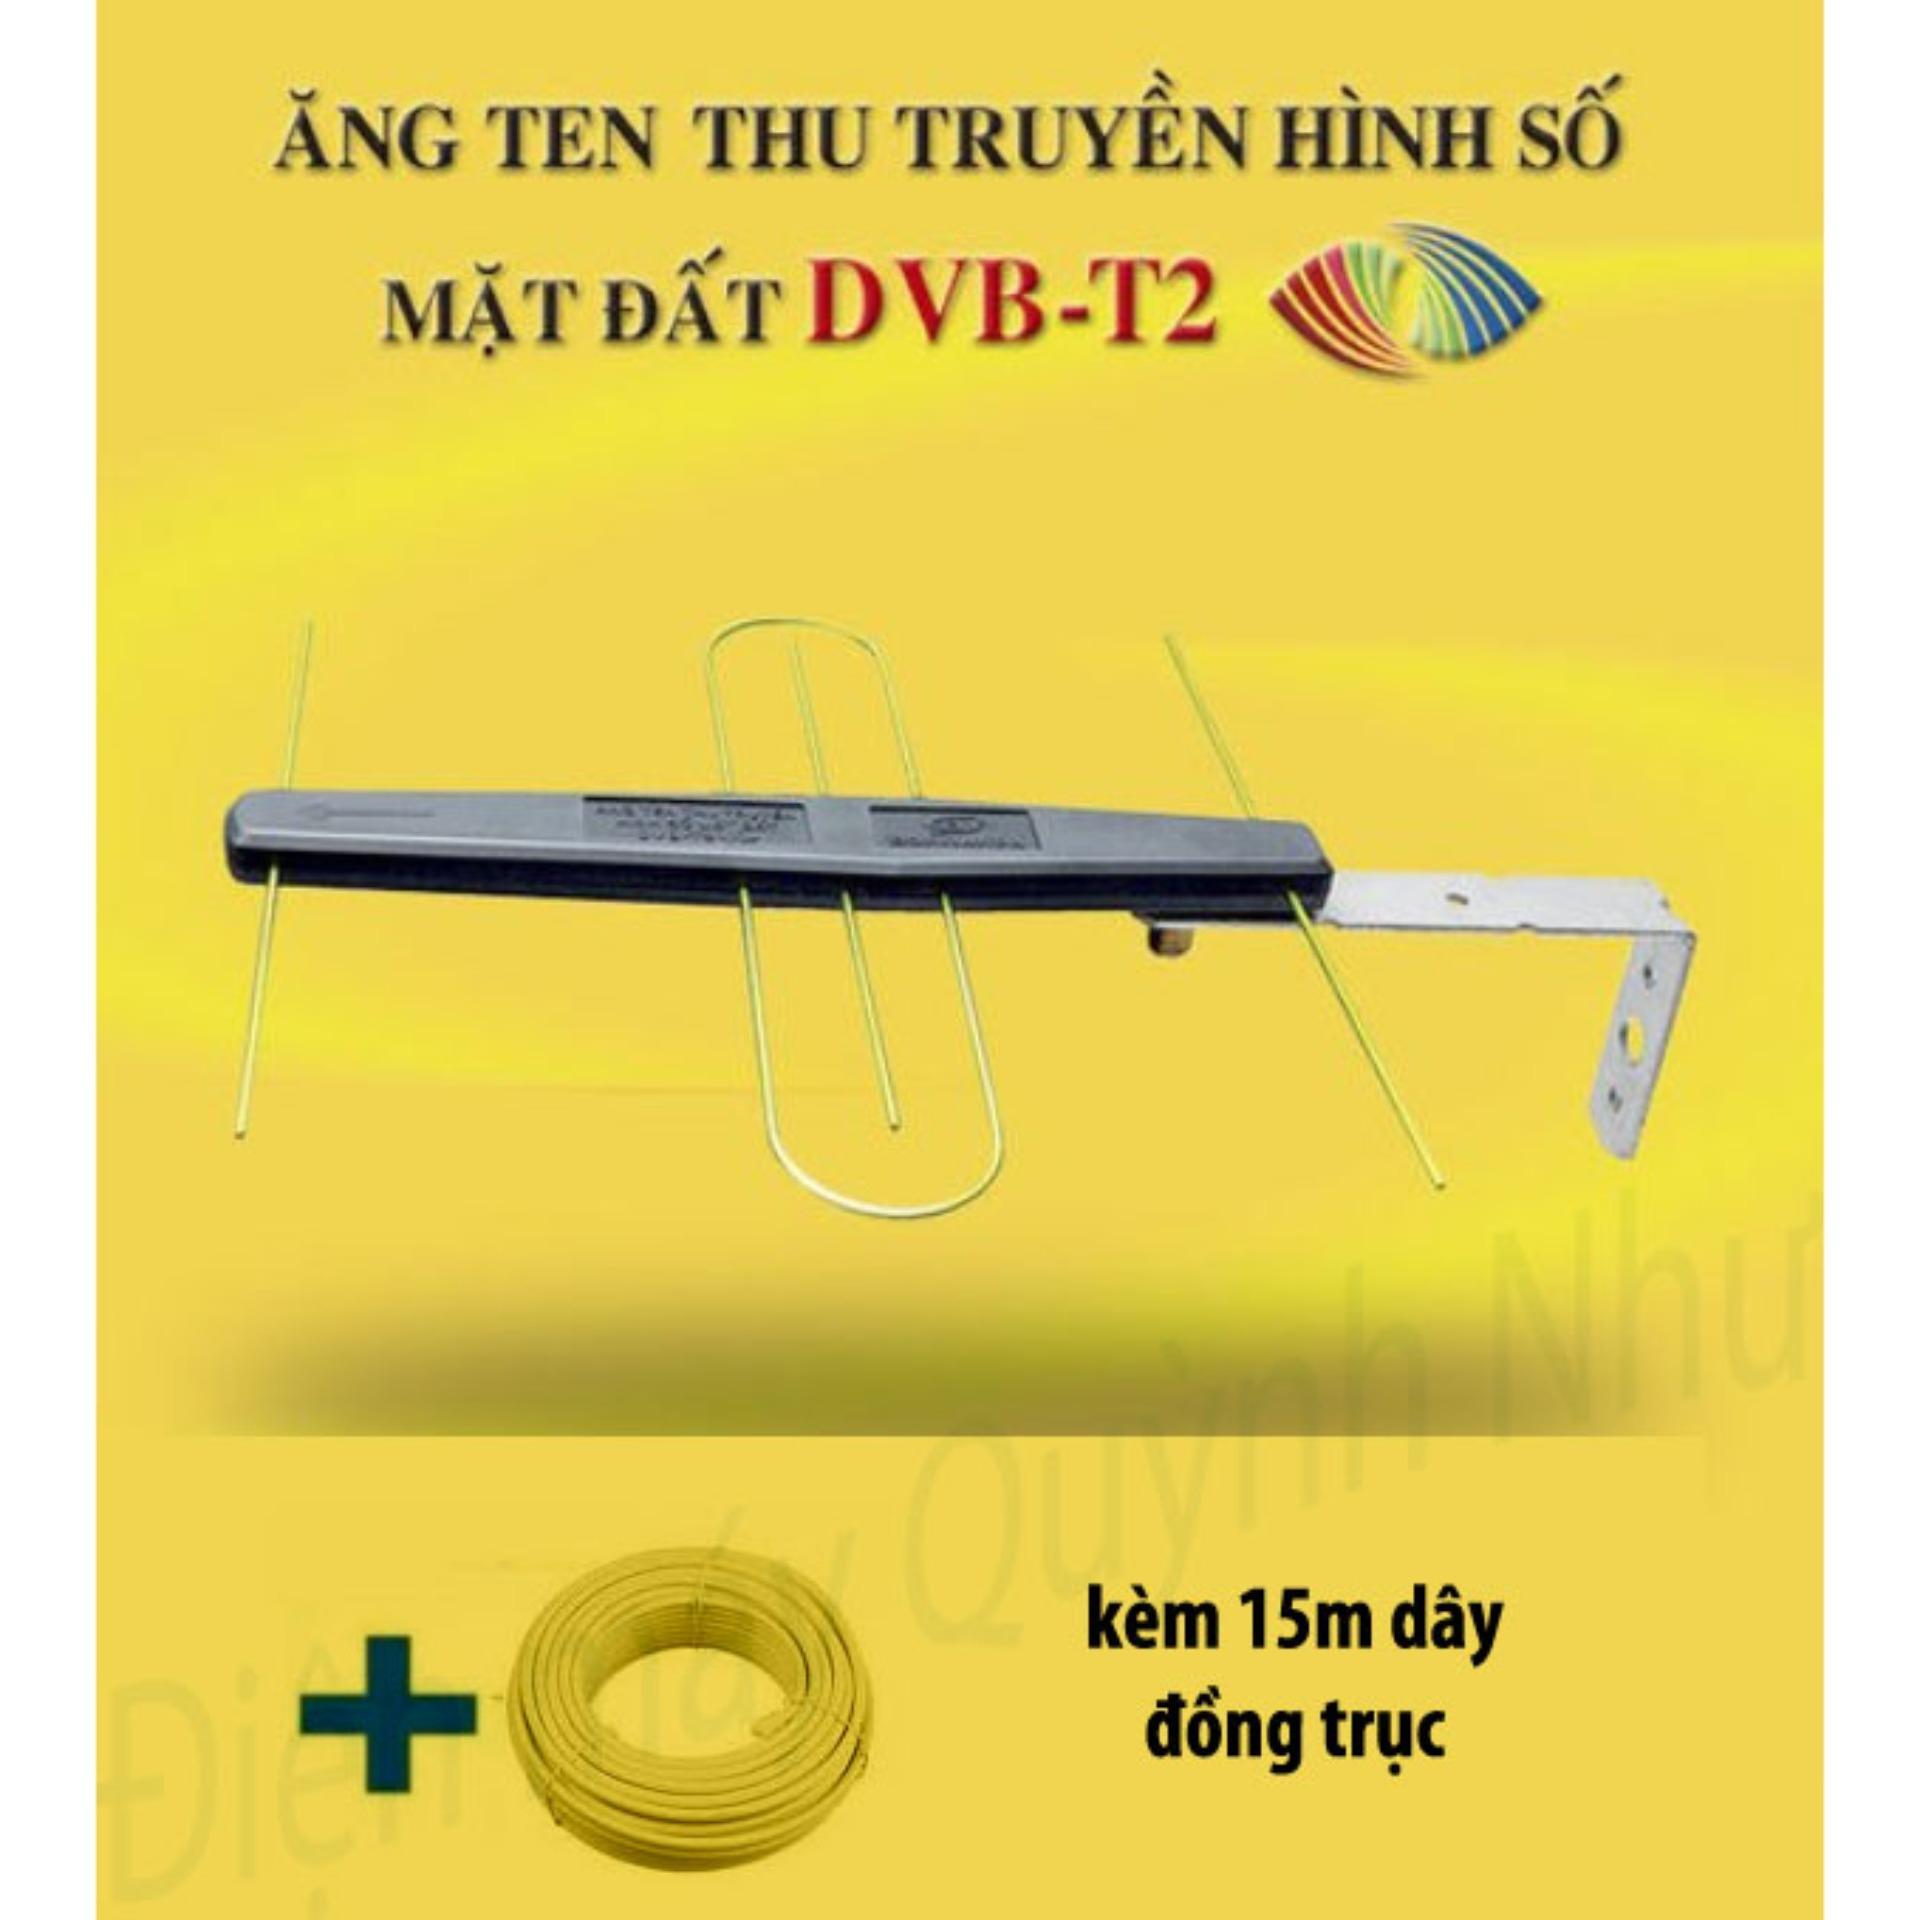 Anten khuếch đại cho đầu thu DVB T2 + 15m cáp đồng trục đúc sẵn đầu jack kết nối